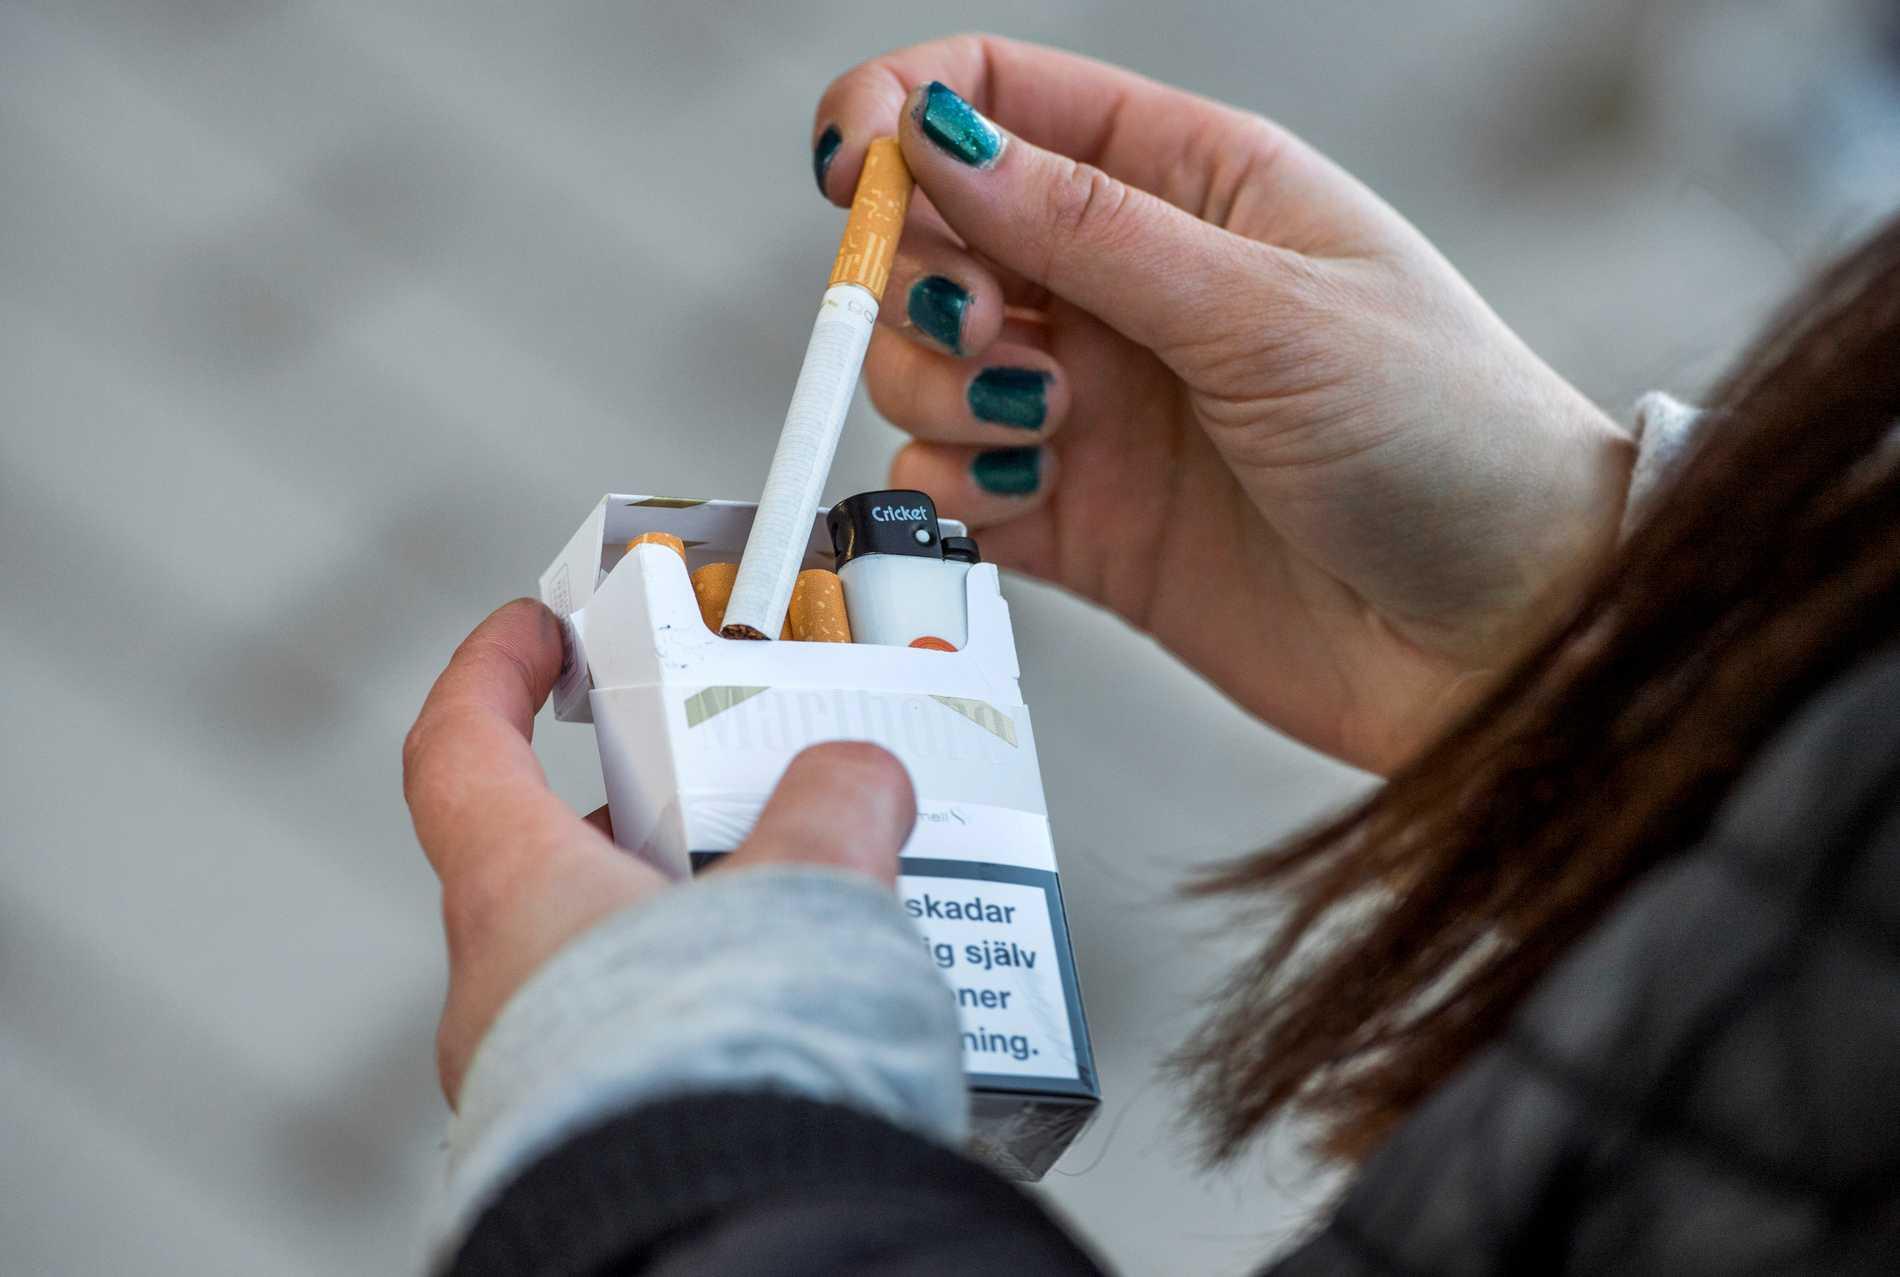 Nikotin gör rökaren beroende av tobak. Men nikotinets påverkan av hjärnan kan försvinna om man lär sig en ny motorisk aktivitet, visar svensk forskning på råttor. Arkivbild.